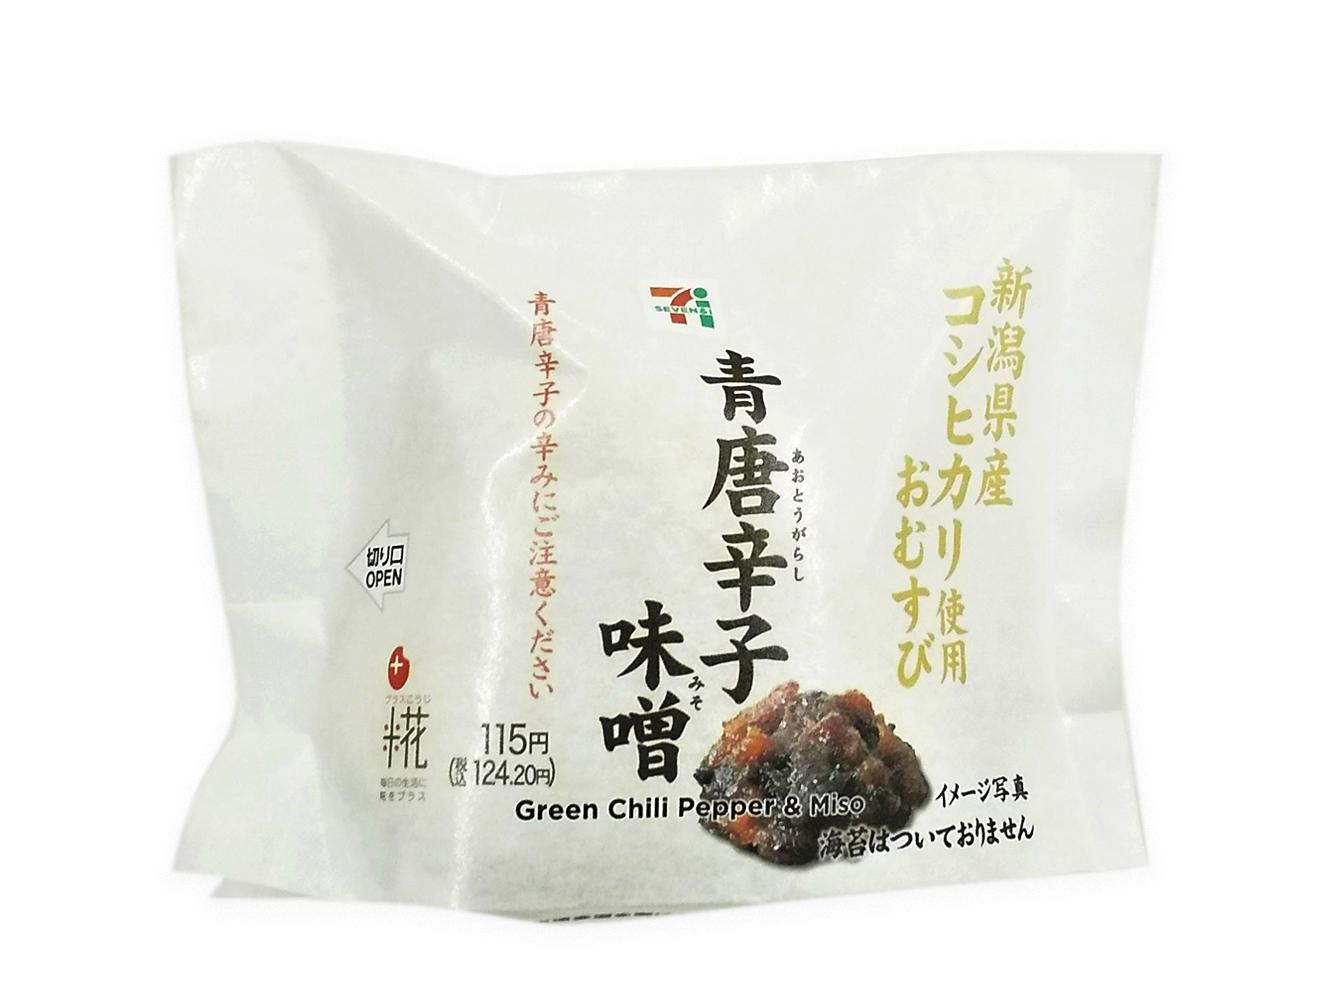 セブンイレブン / 新潟県産コシヒカリおむすび 青唐辛子味噌